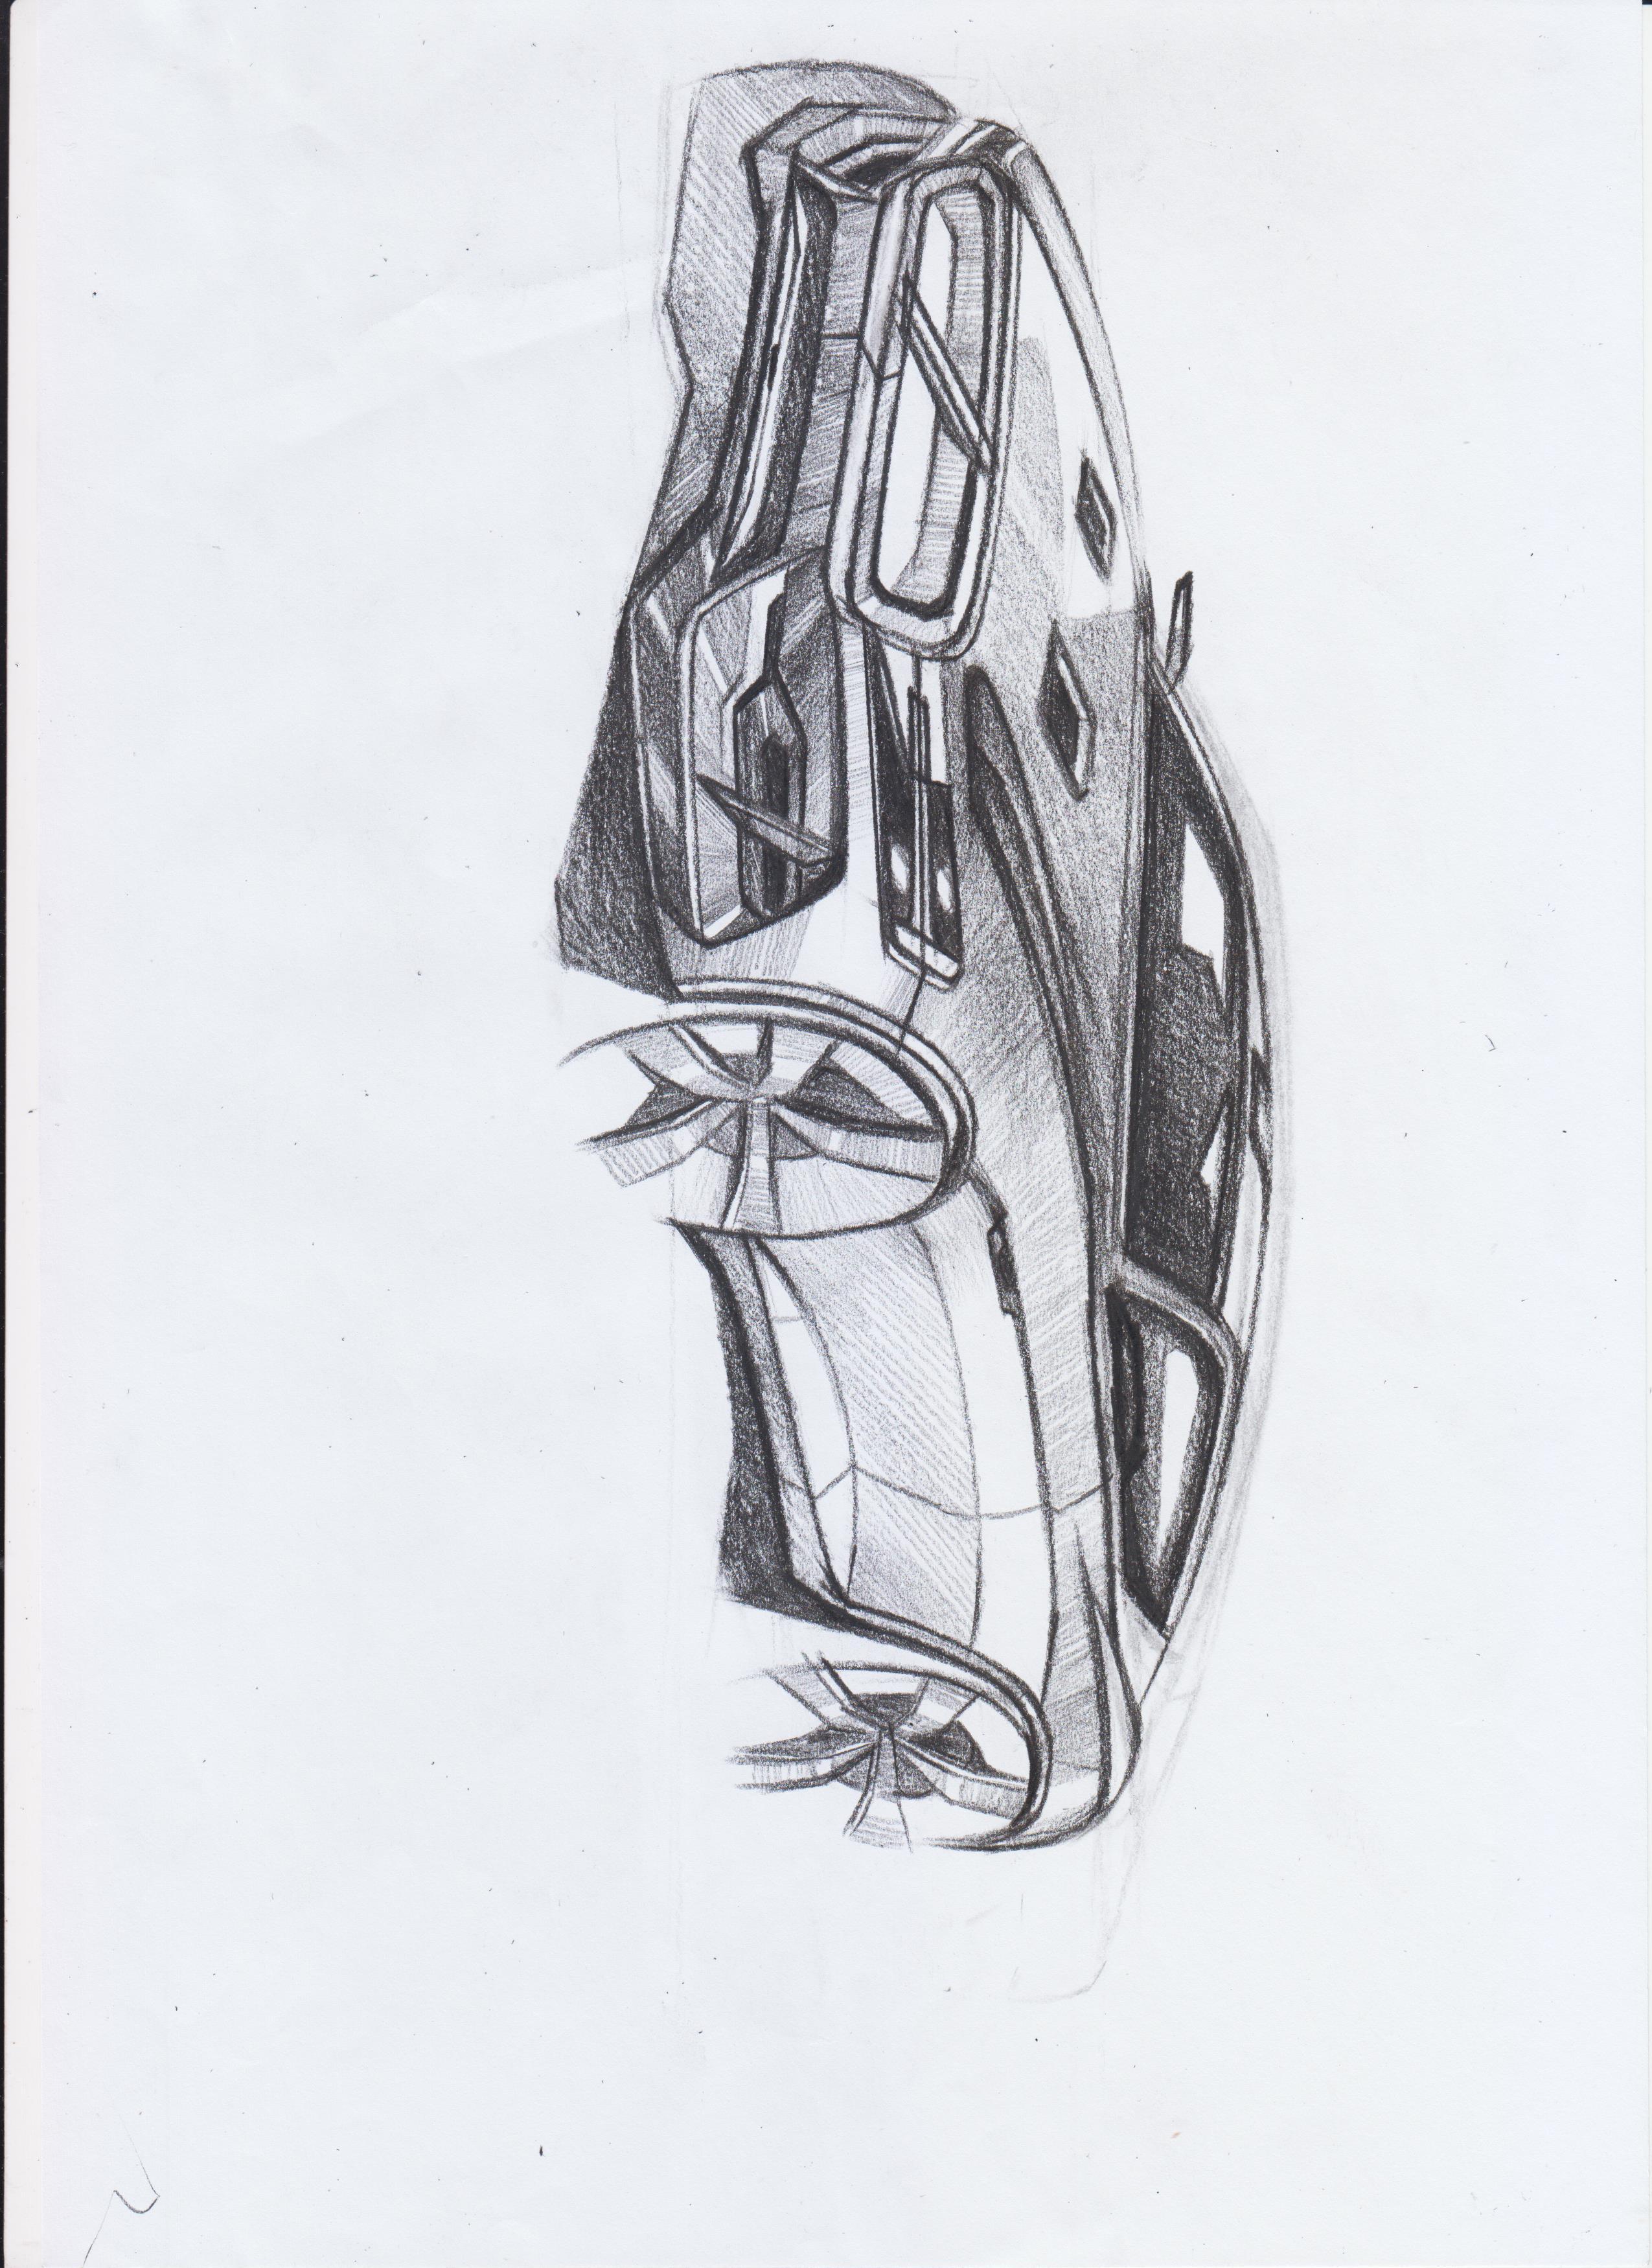 简笔画 手绘 素描 线稿 2550_3501 竖版 竖屏